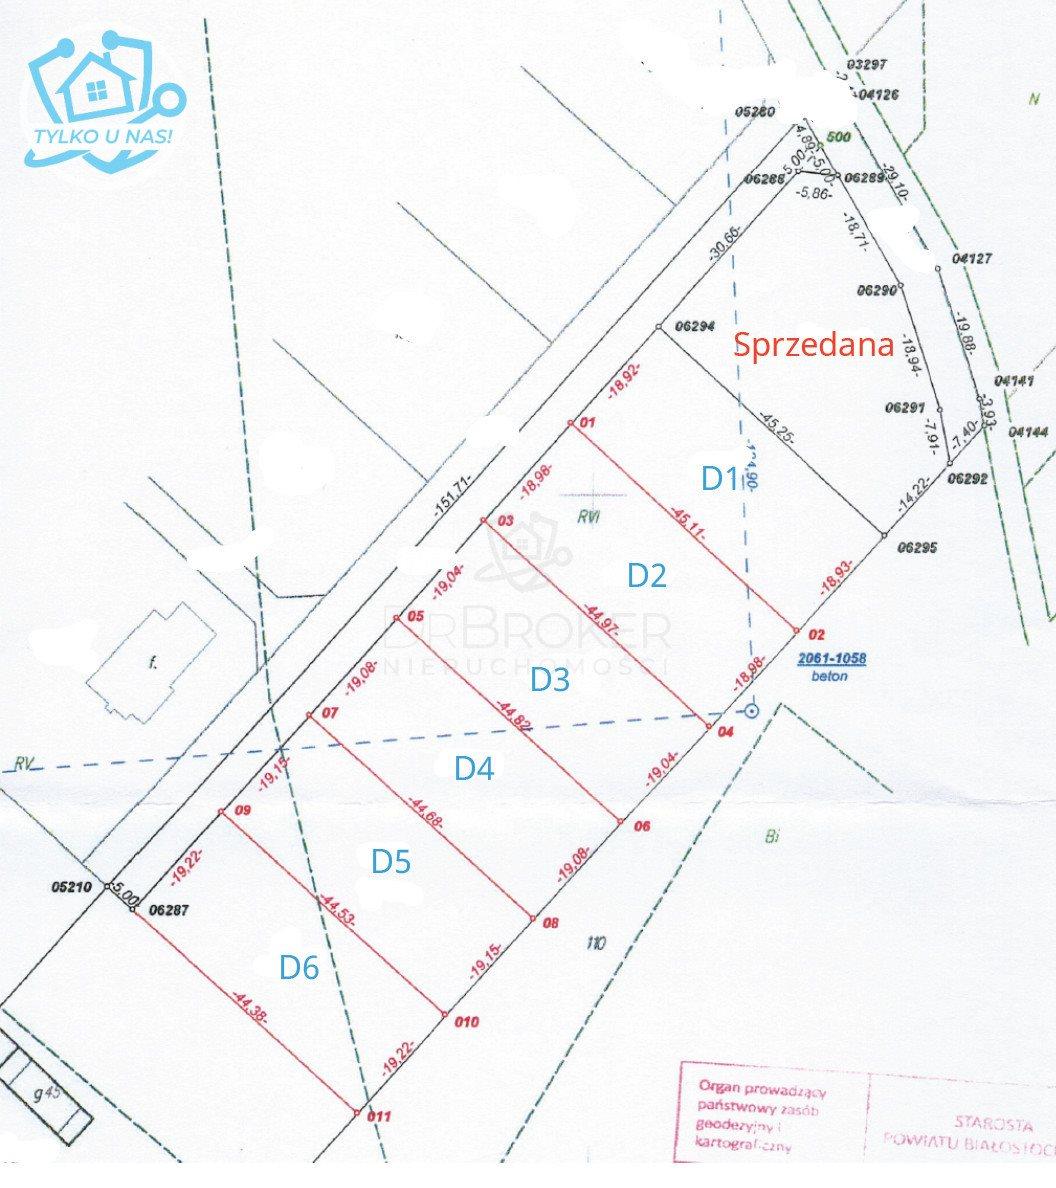 Działka budowlana na sprzedaż Niewodnica Kościelna, Lisia  850m2 Foto 1